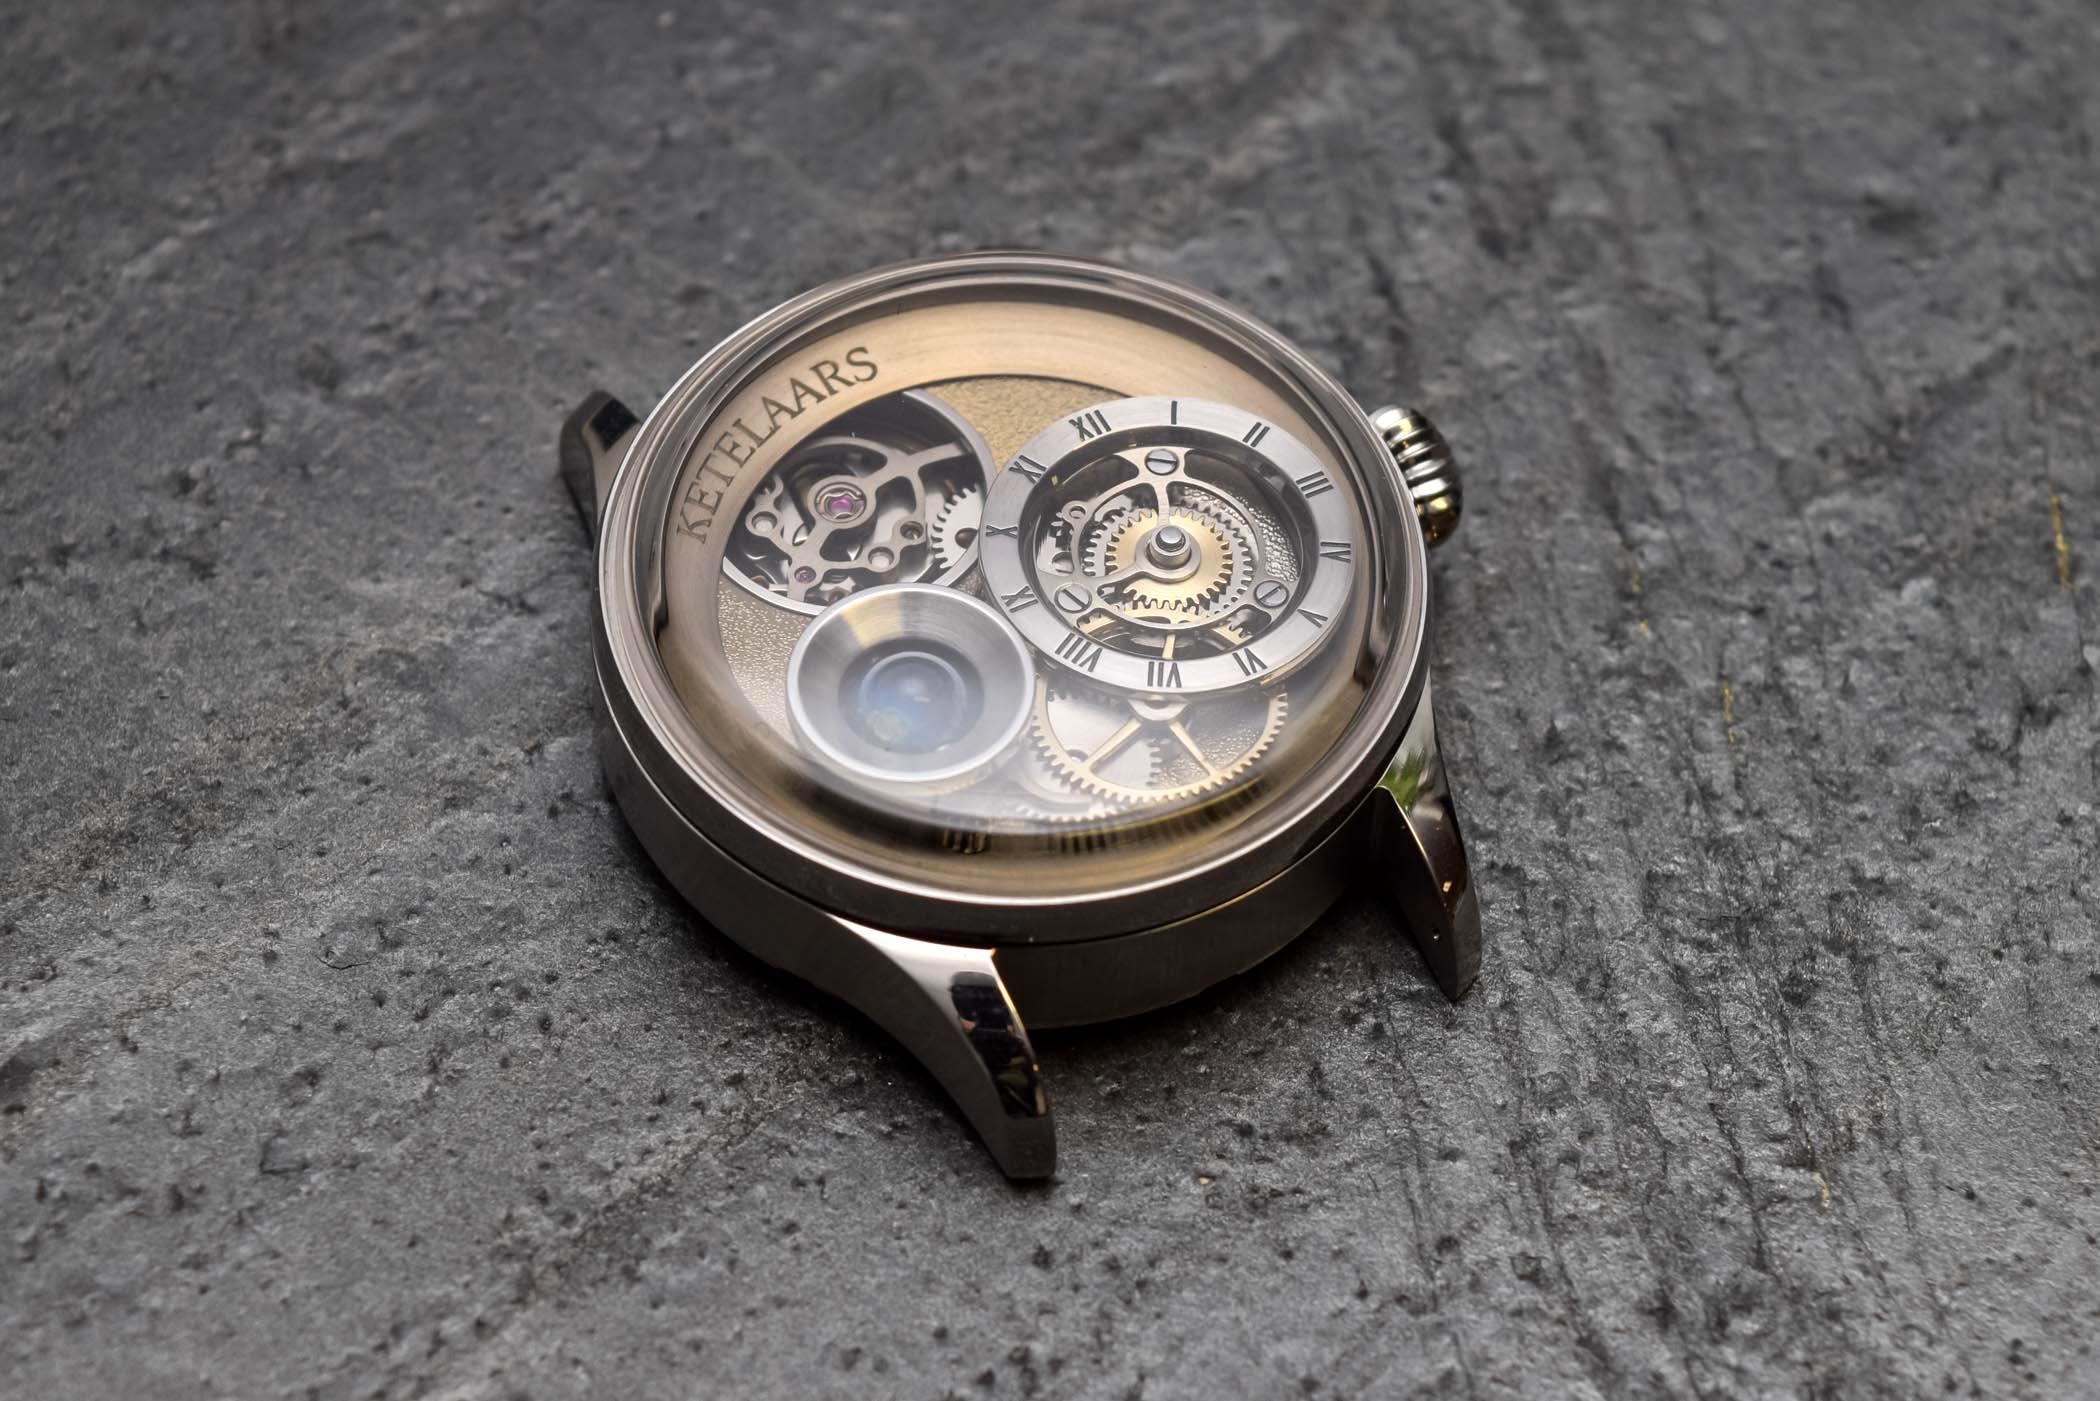 Ketelaars Watches 3D Terra in Motion